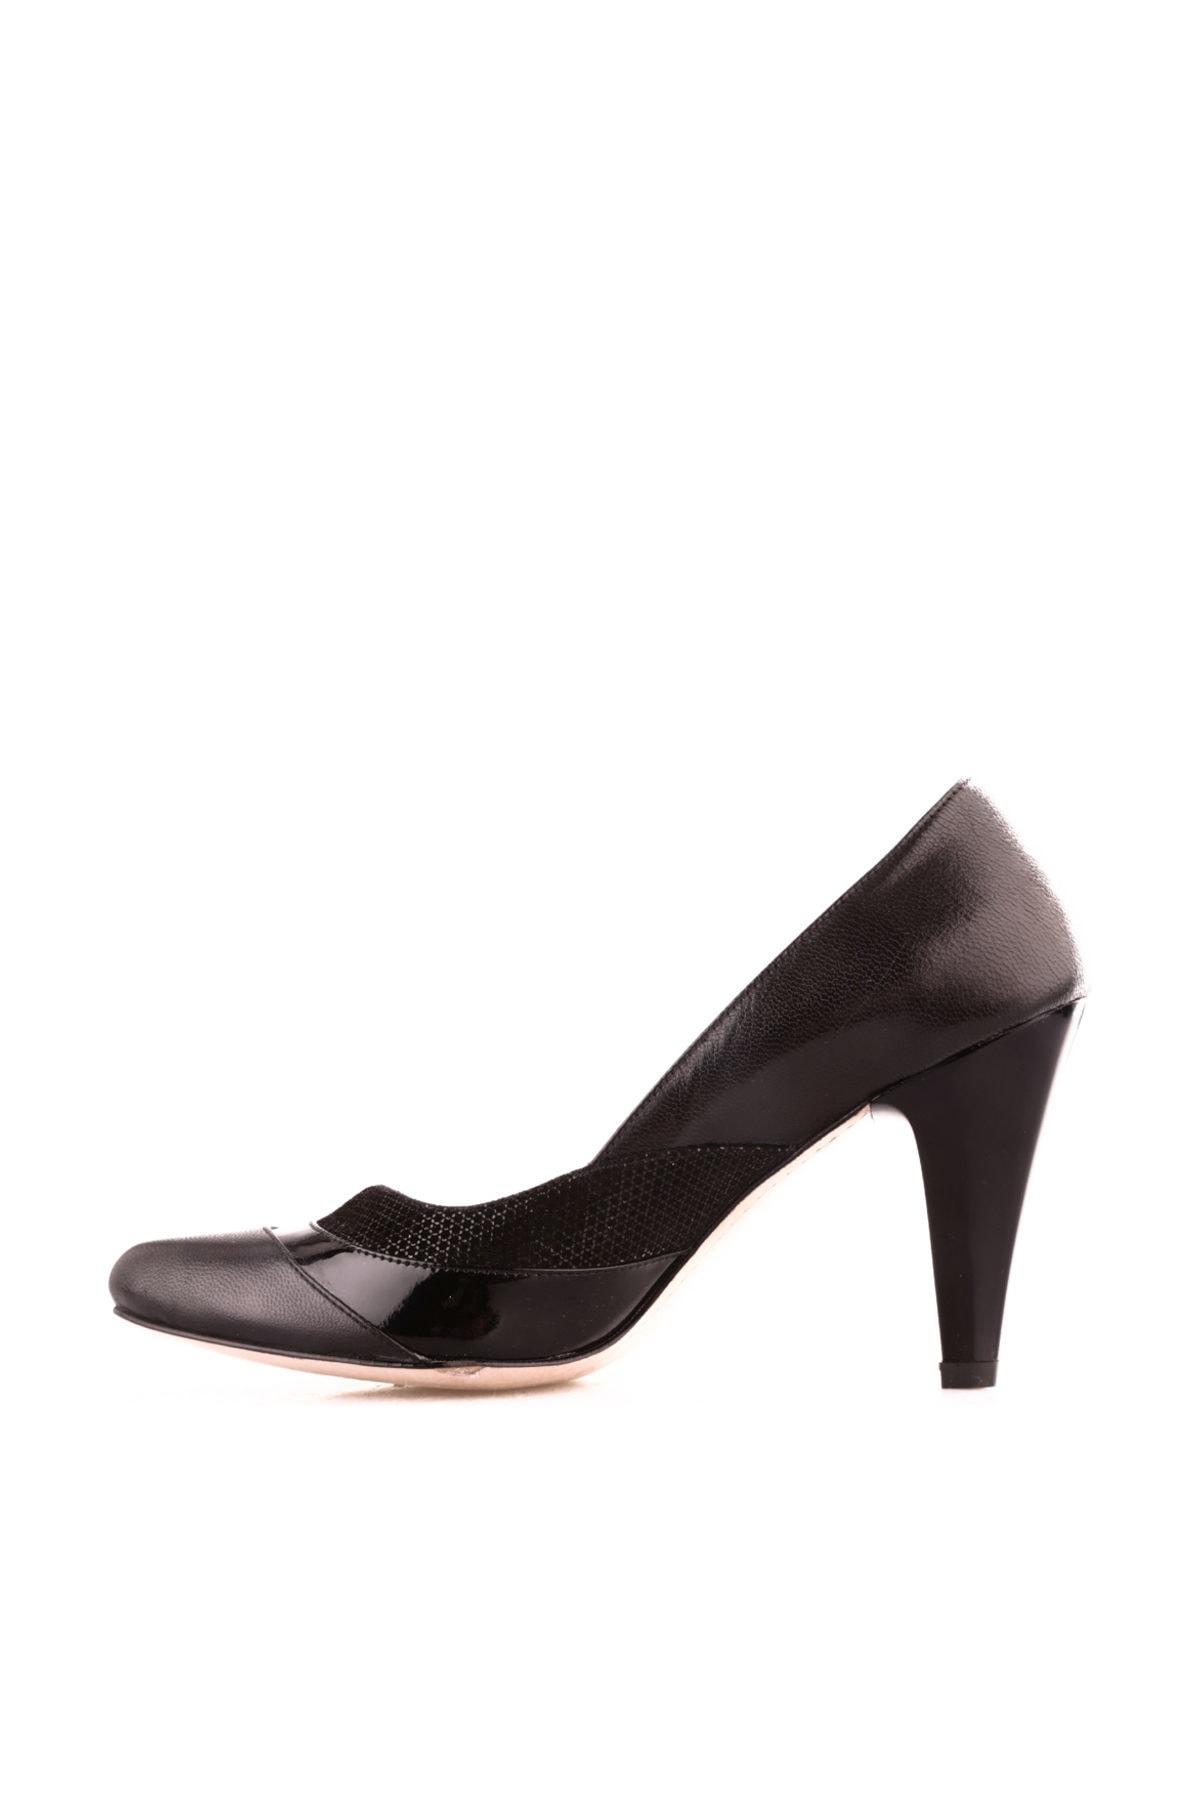 Dgn Siyah Kadın Klasik Topuklu Ayakkabı 300-127